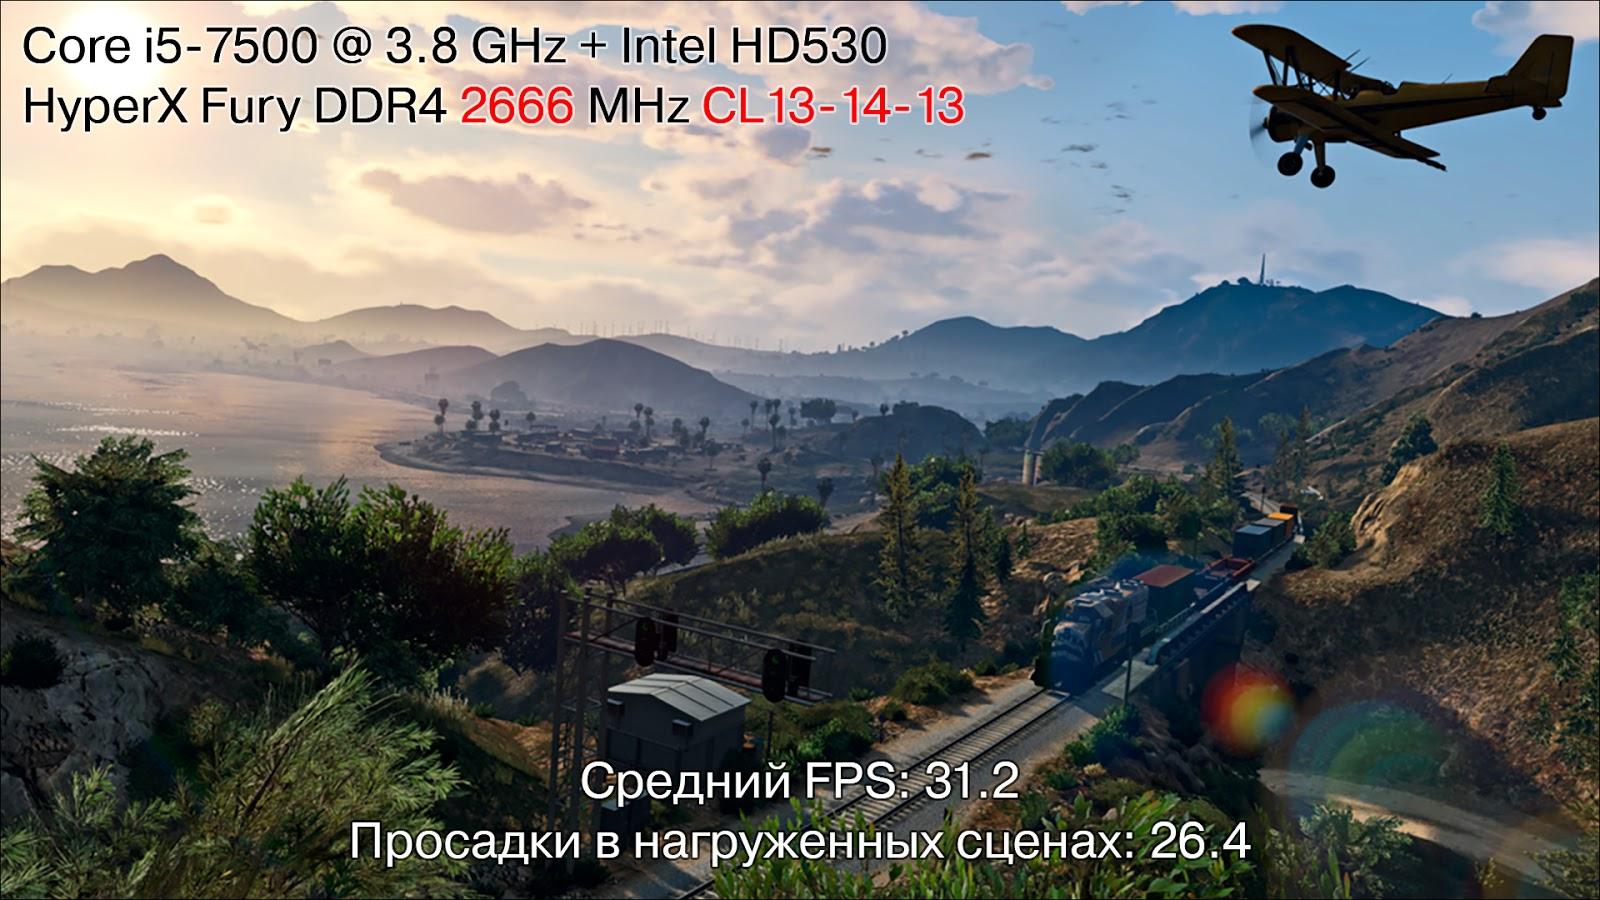 8541a9b94425799aa4b498475941b921.jpg